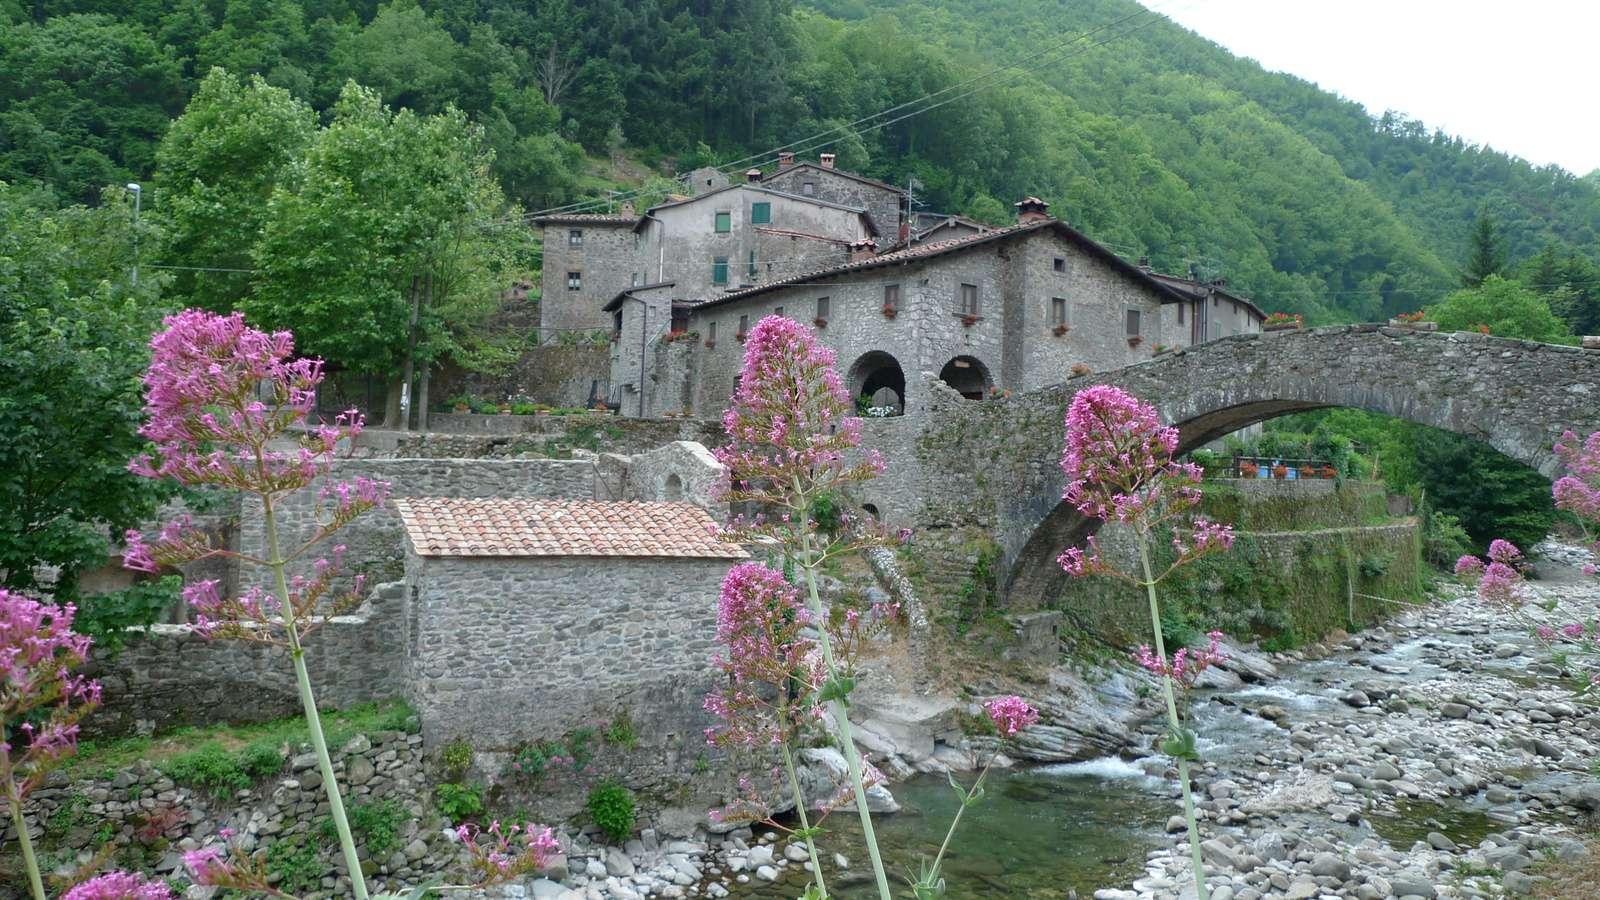 Fabbriche di Valliano